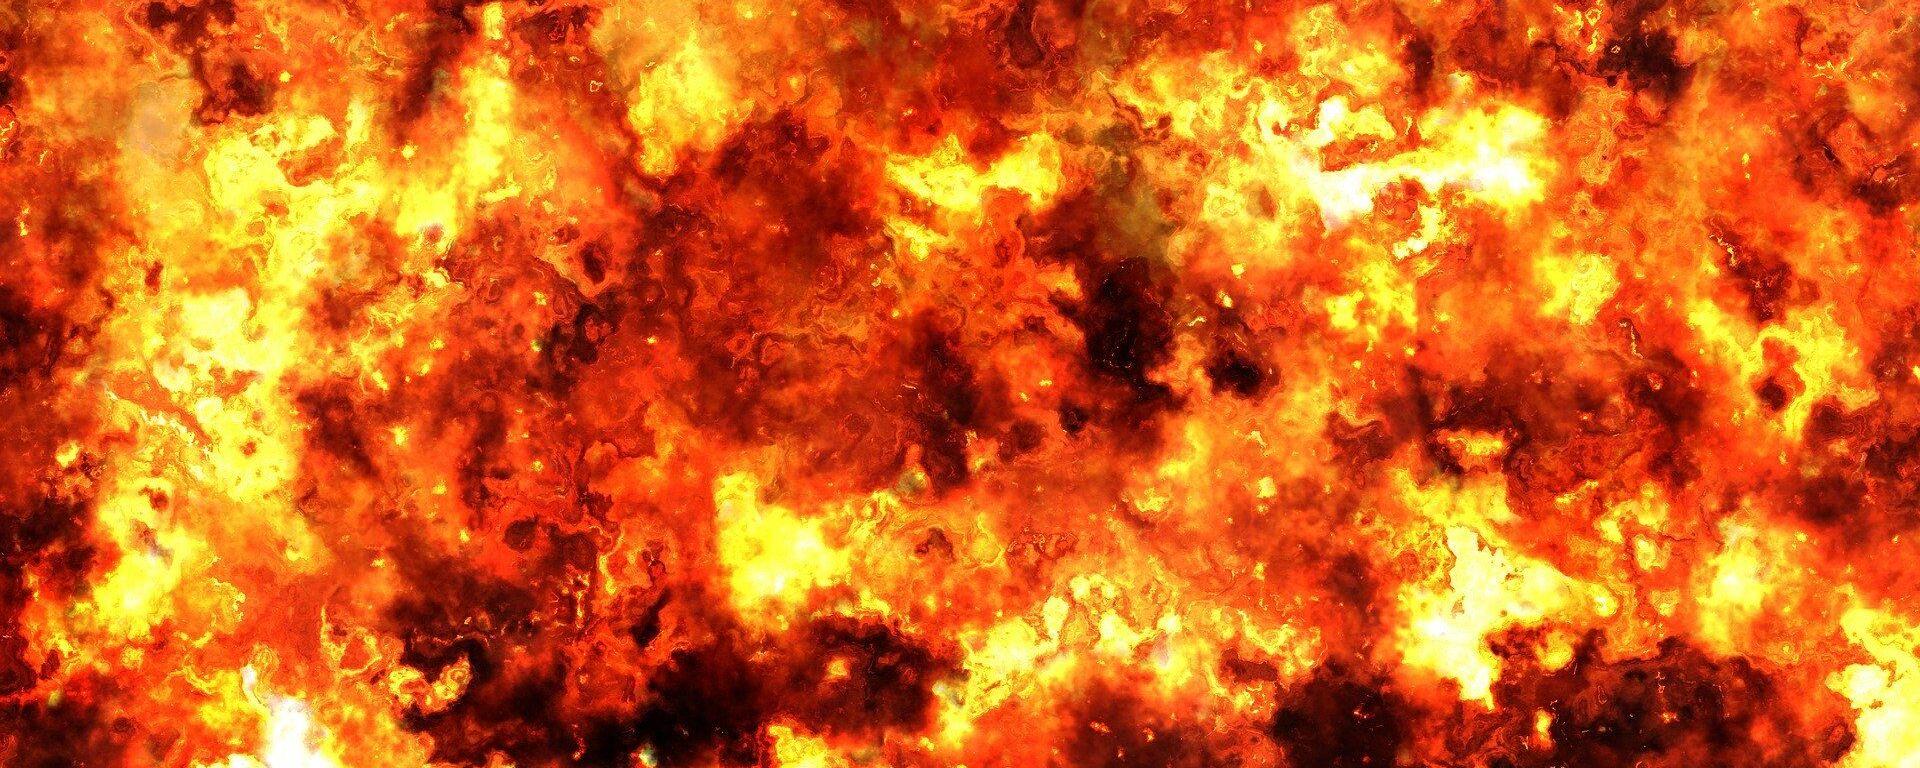 Una explosión (imagen referencial) - Sputnik Mundo, 1920, 20.10.2020